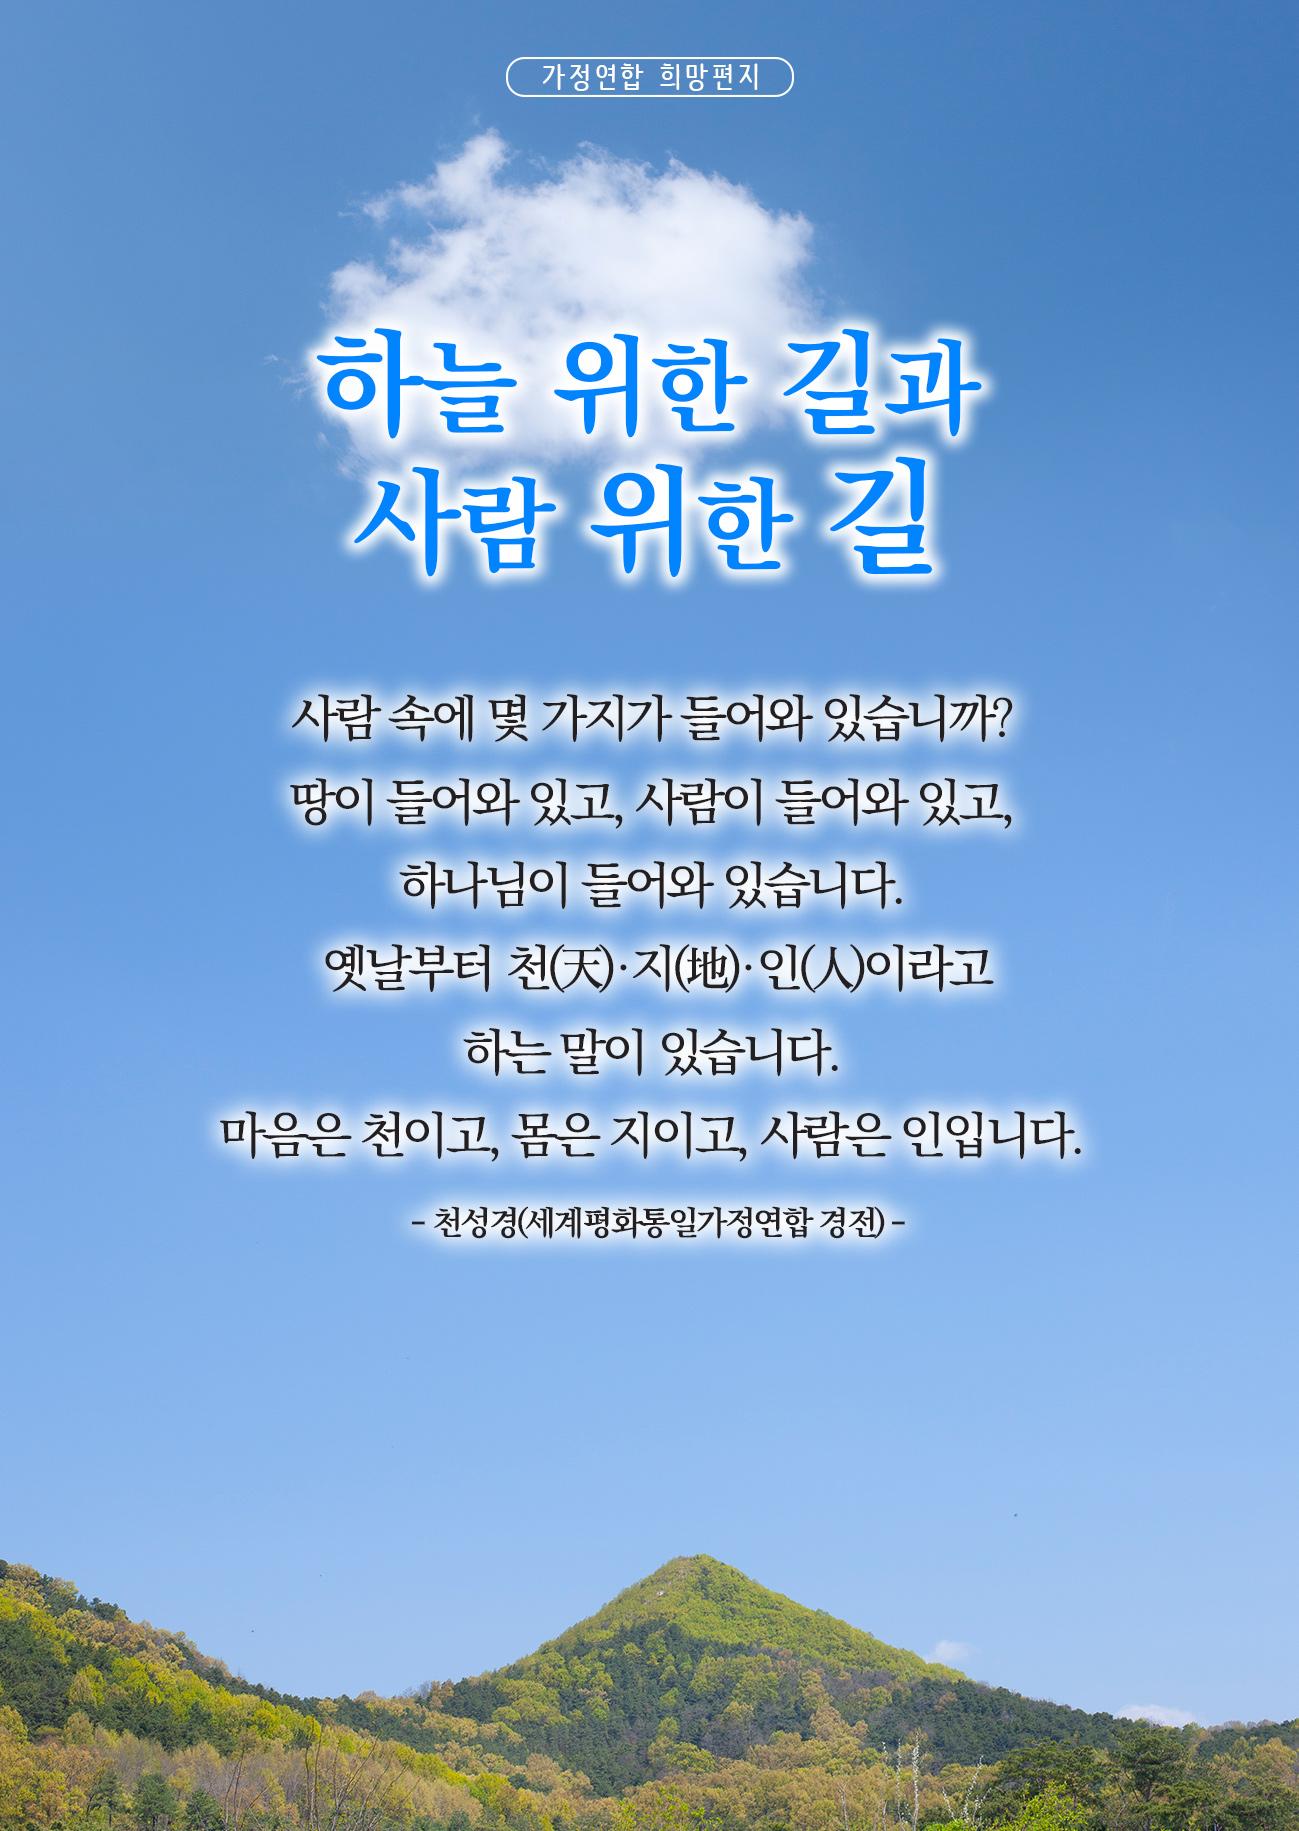 [29편]하늘 위한 길과 사람 위한 길